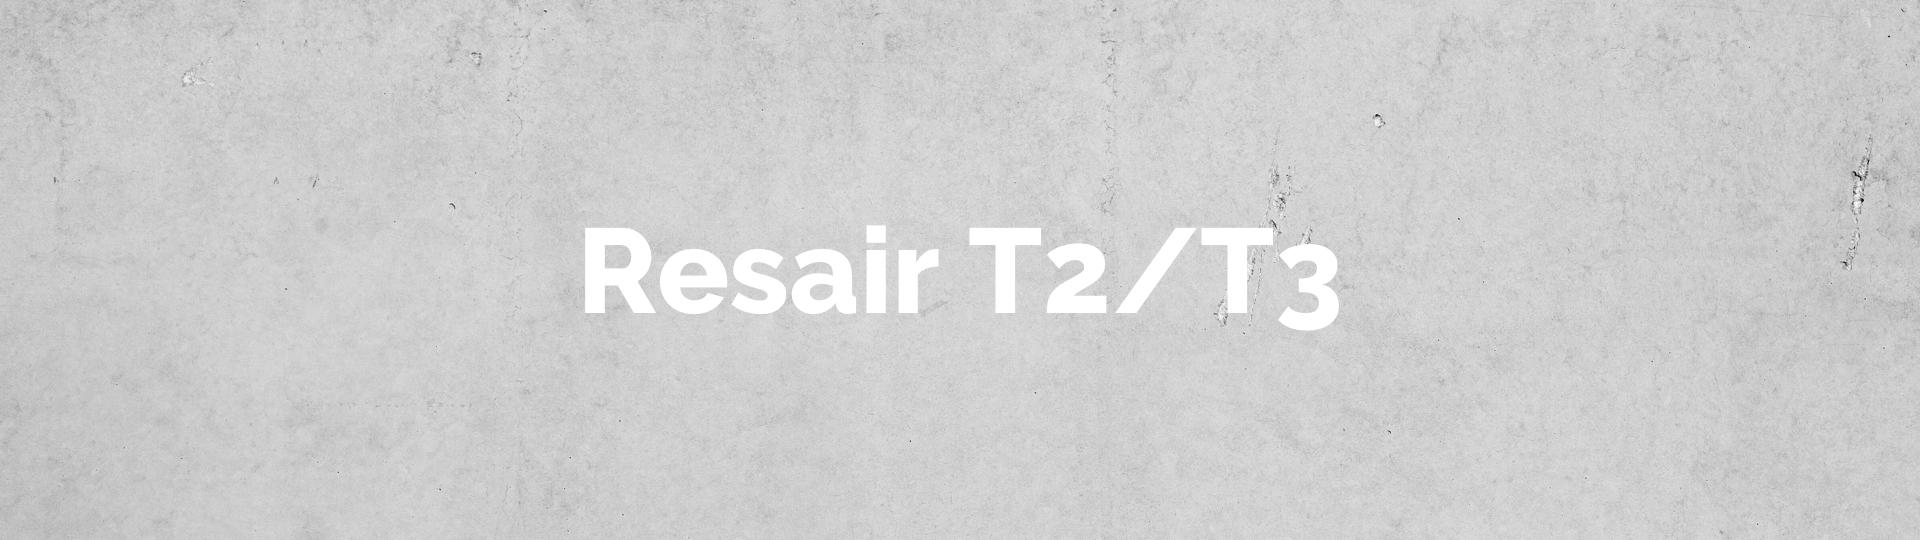 Resair T2 T3